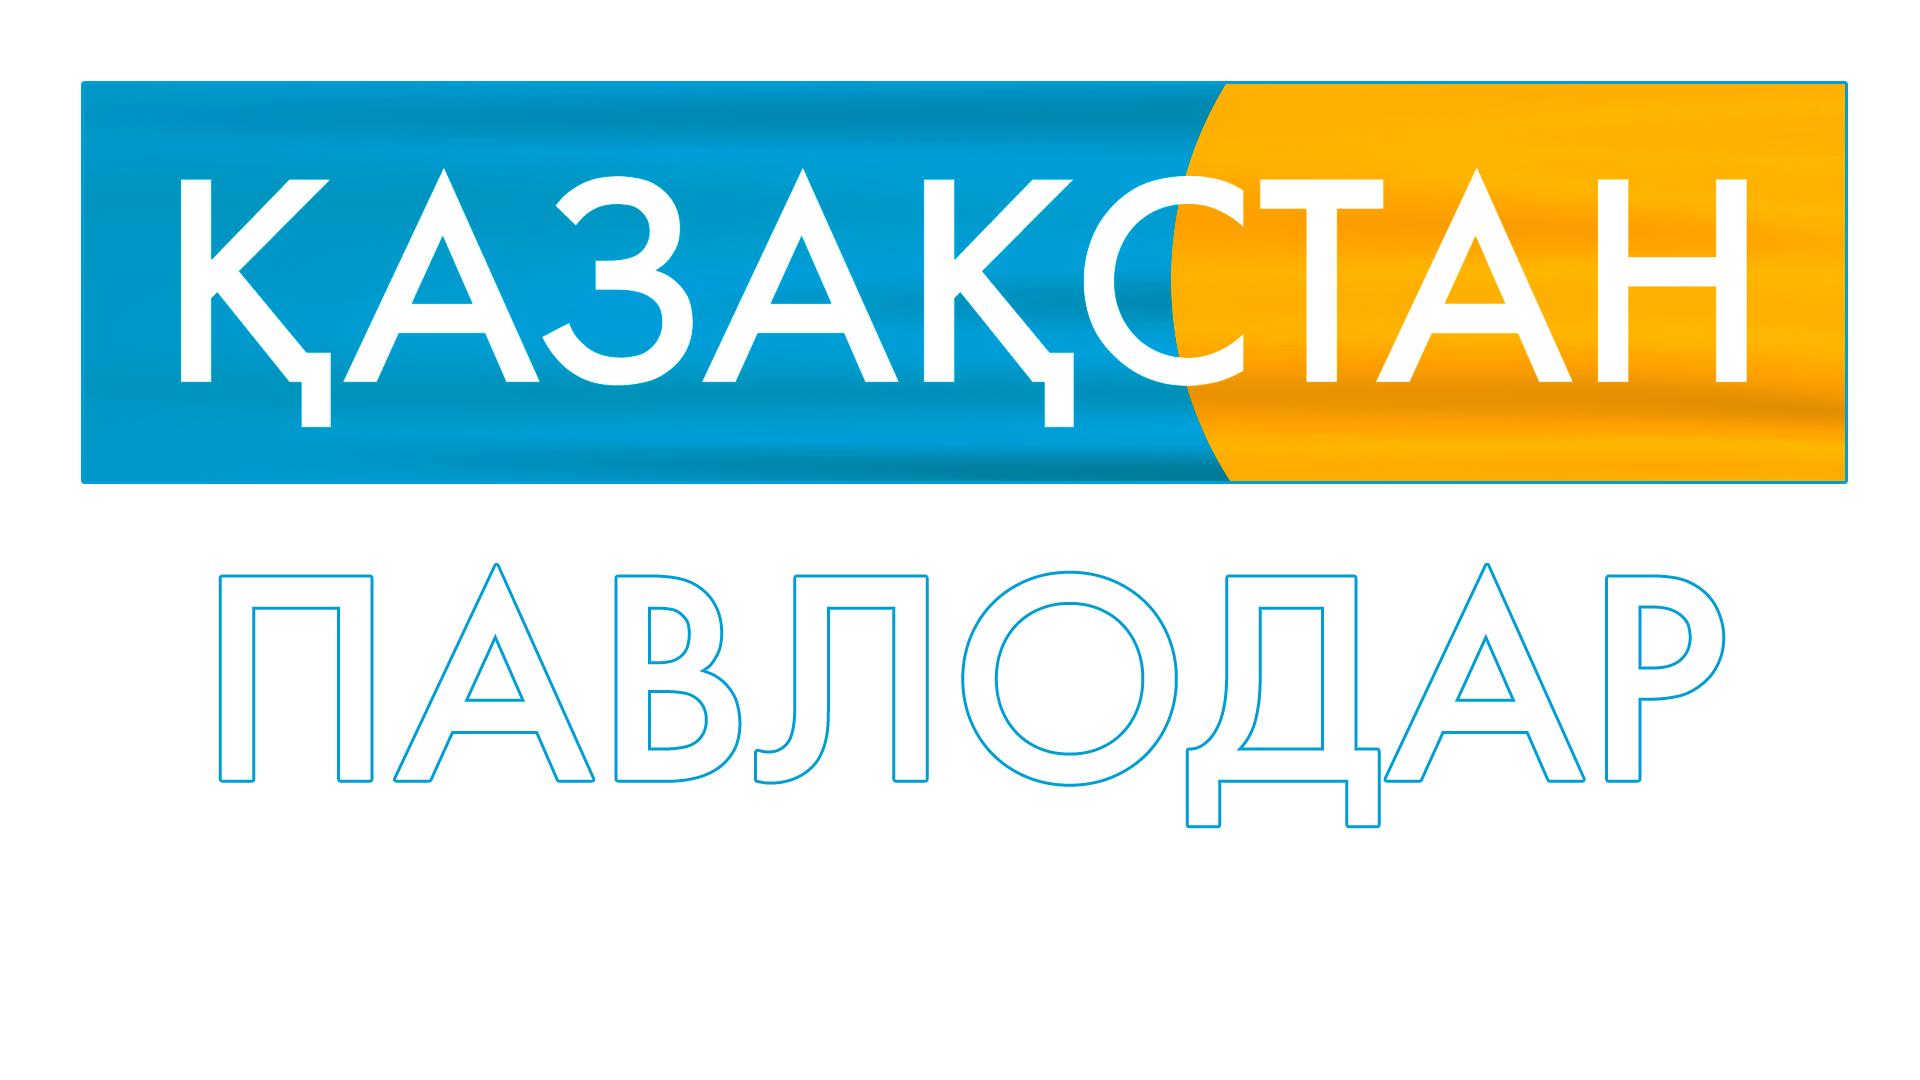 Тв казахстан смотреть онлайн бесплатно 5 фотография